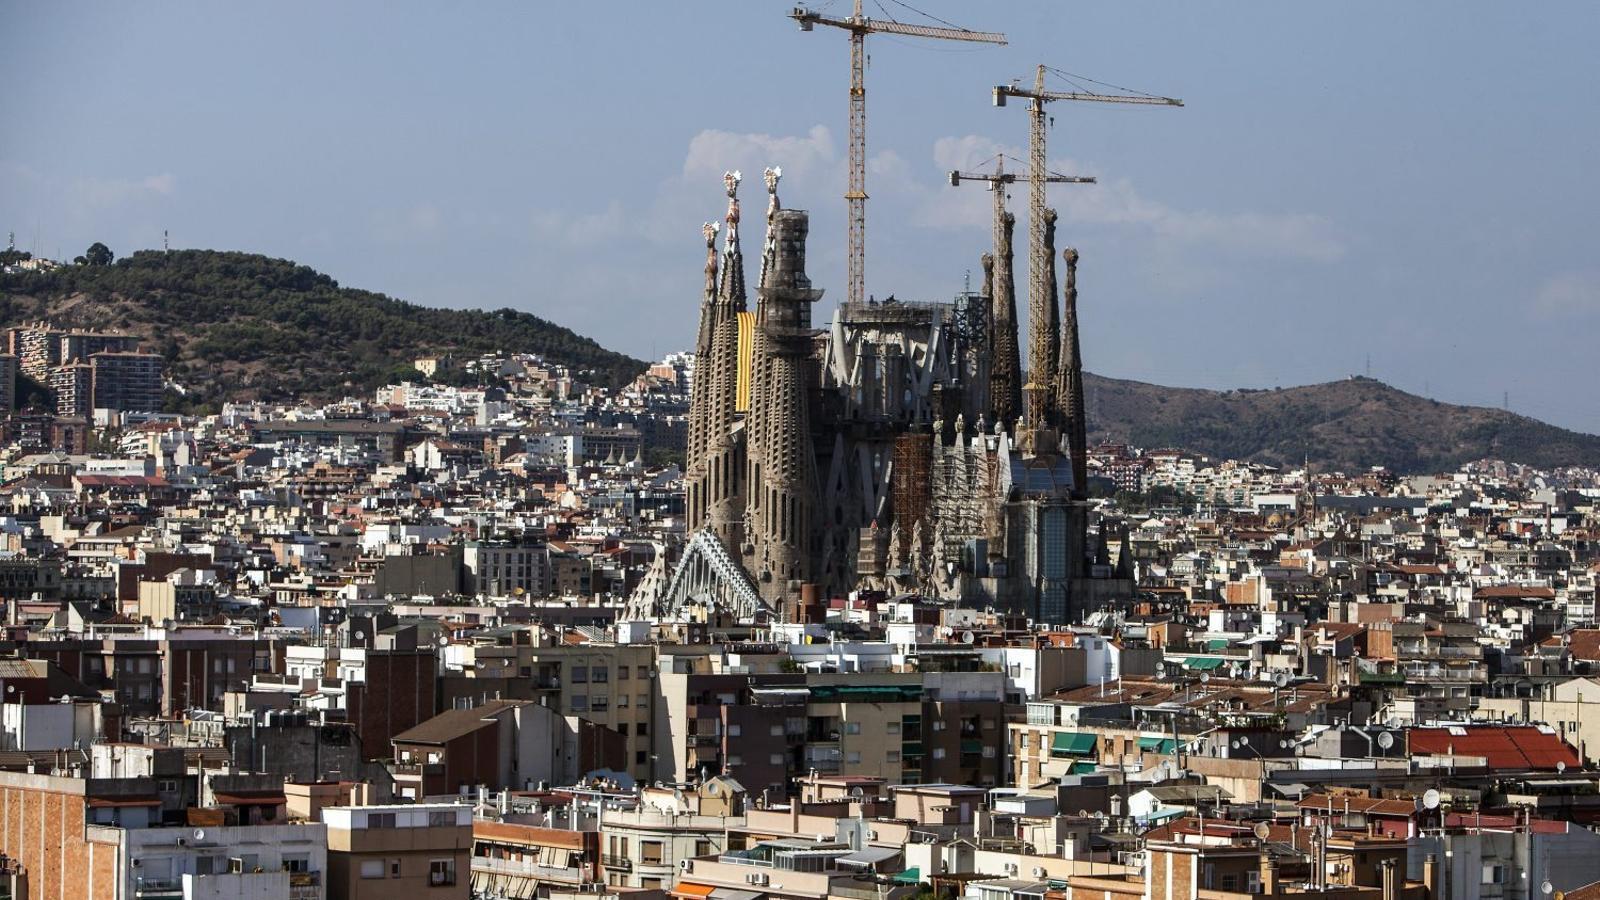 L'equip de Colau anuncia que la Sagrada Família pagarà 4,5 milions  per la llicència d'obres